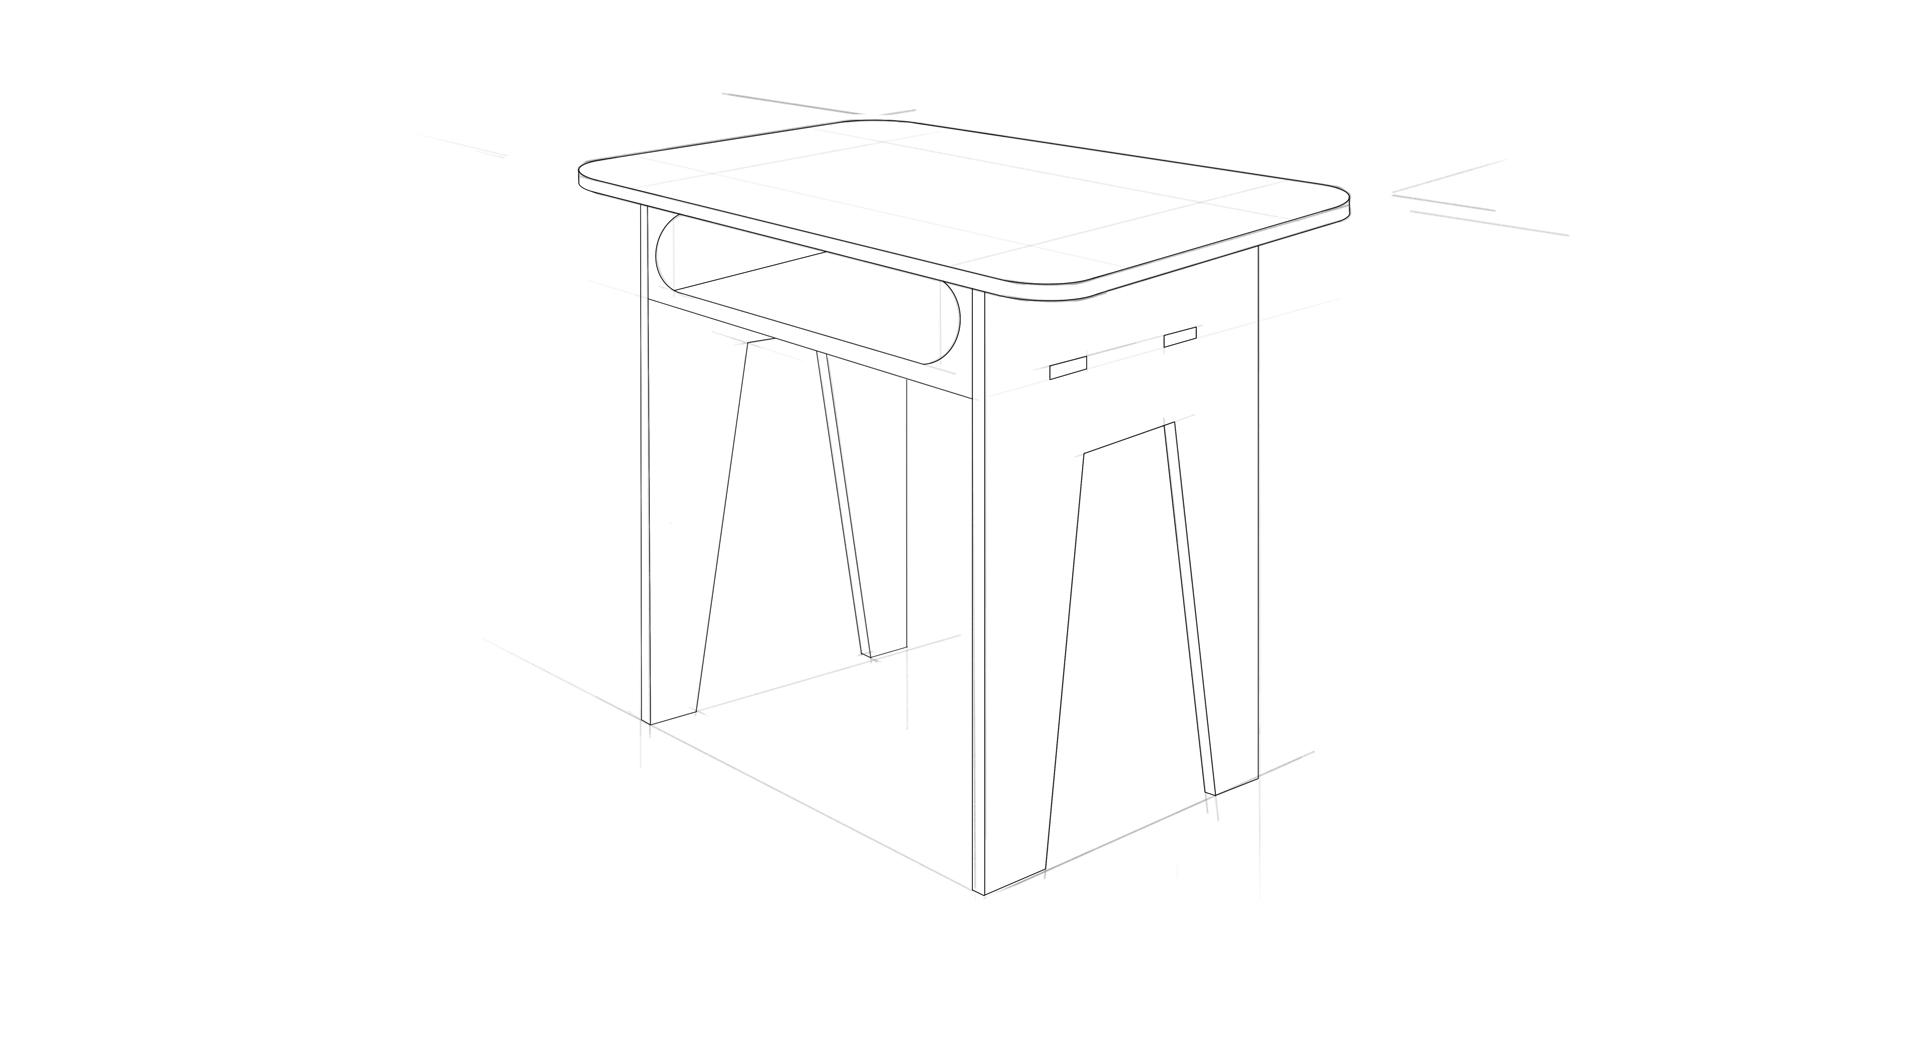 Flat-Pack Desk, Final Sketch   Digital Sketch, Sketchbook Pro